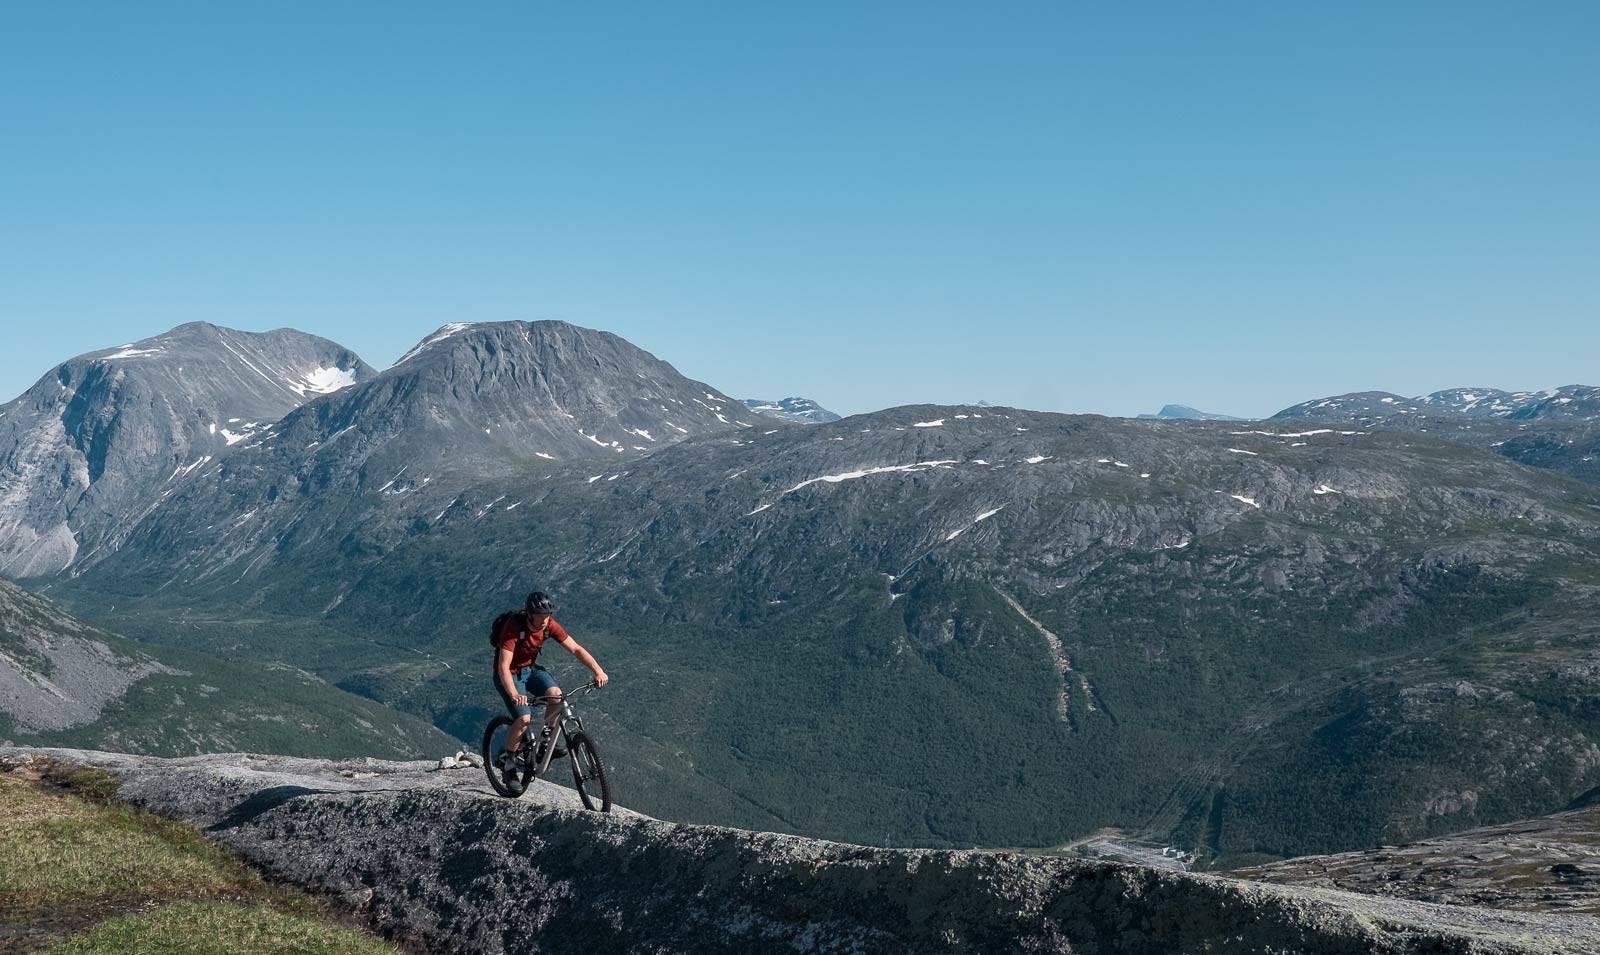 FØLG RYGG: Andreas Køhn tar seg over svaberg med store fjell på alle kanter.